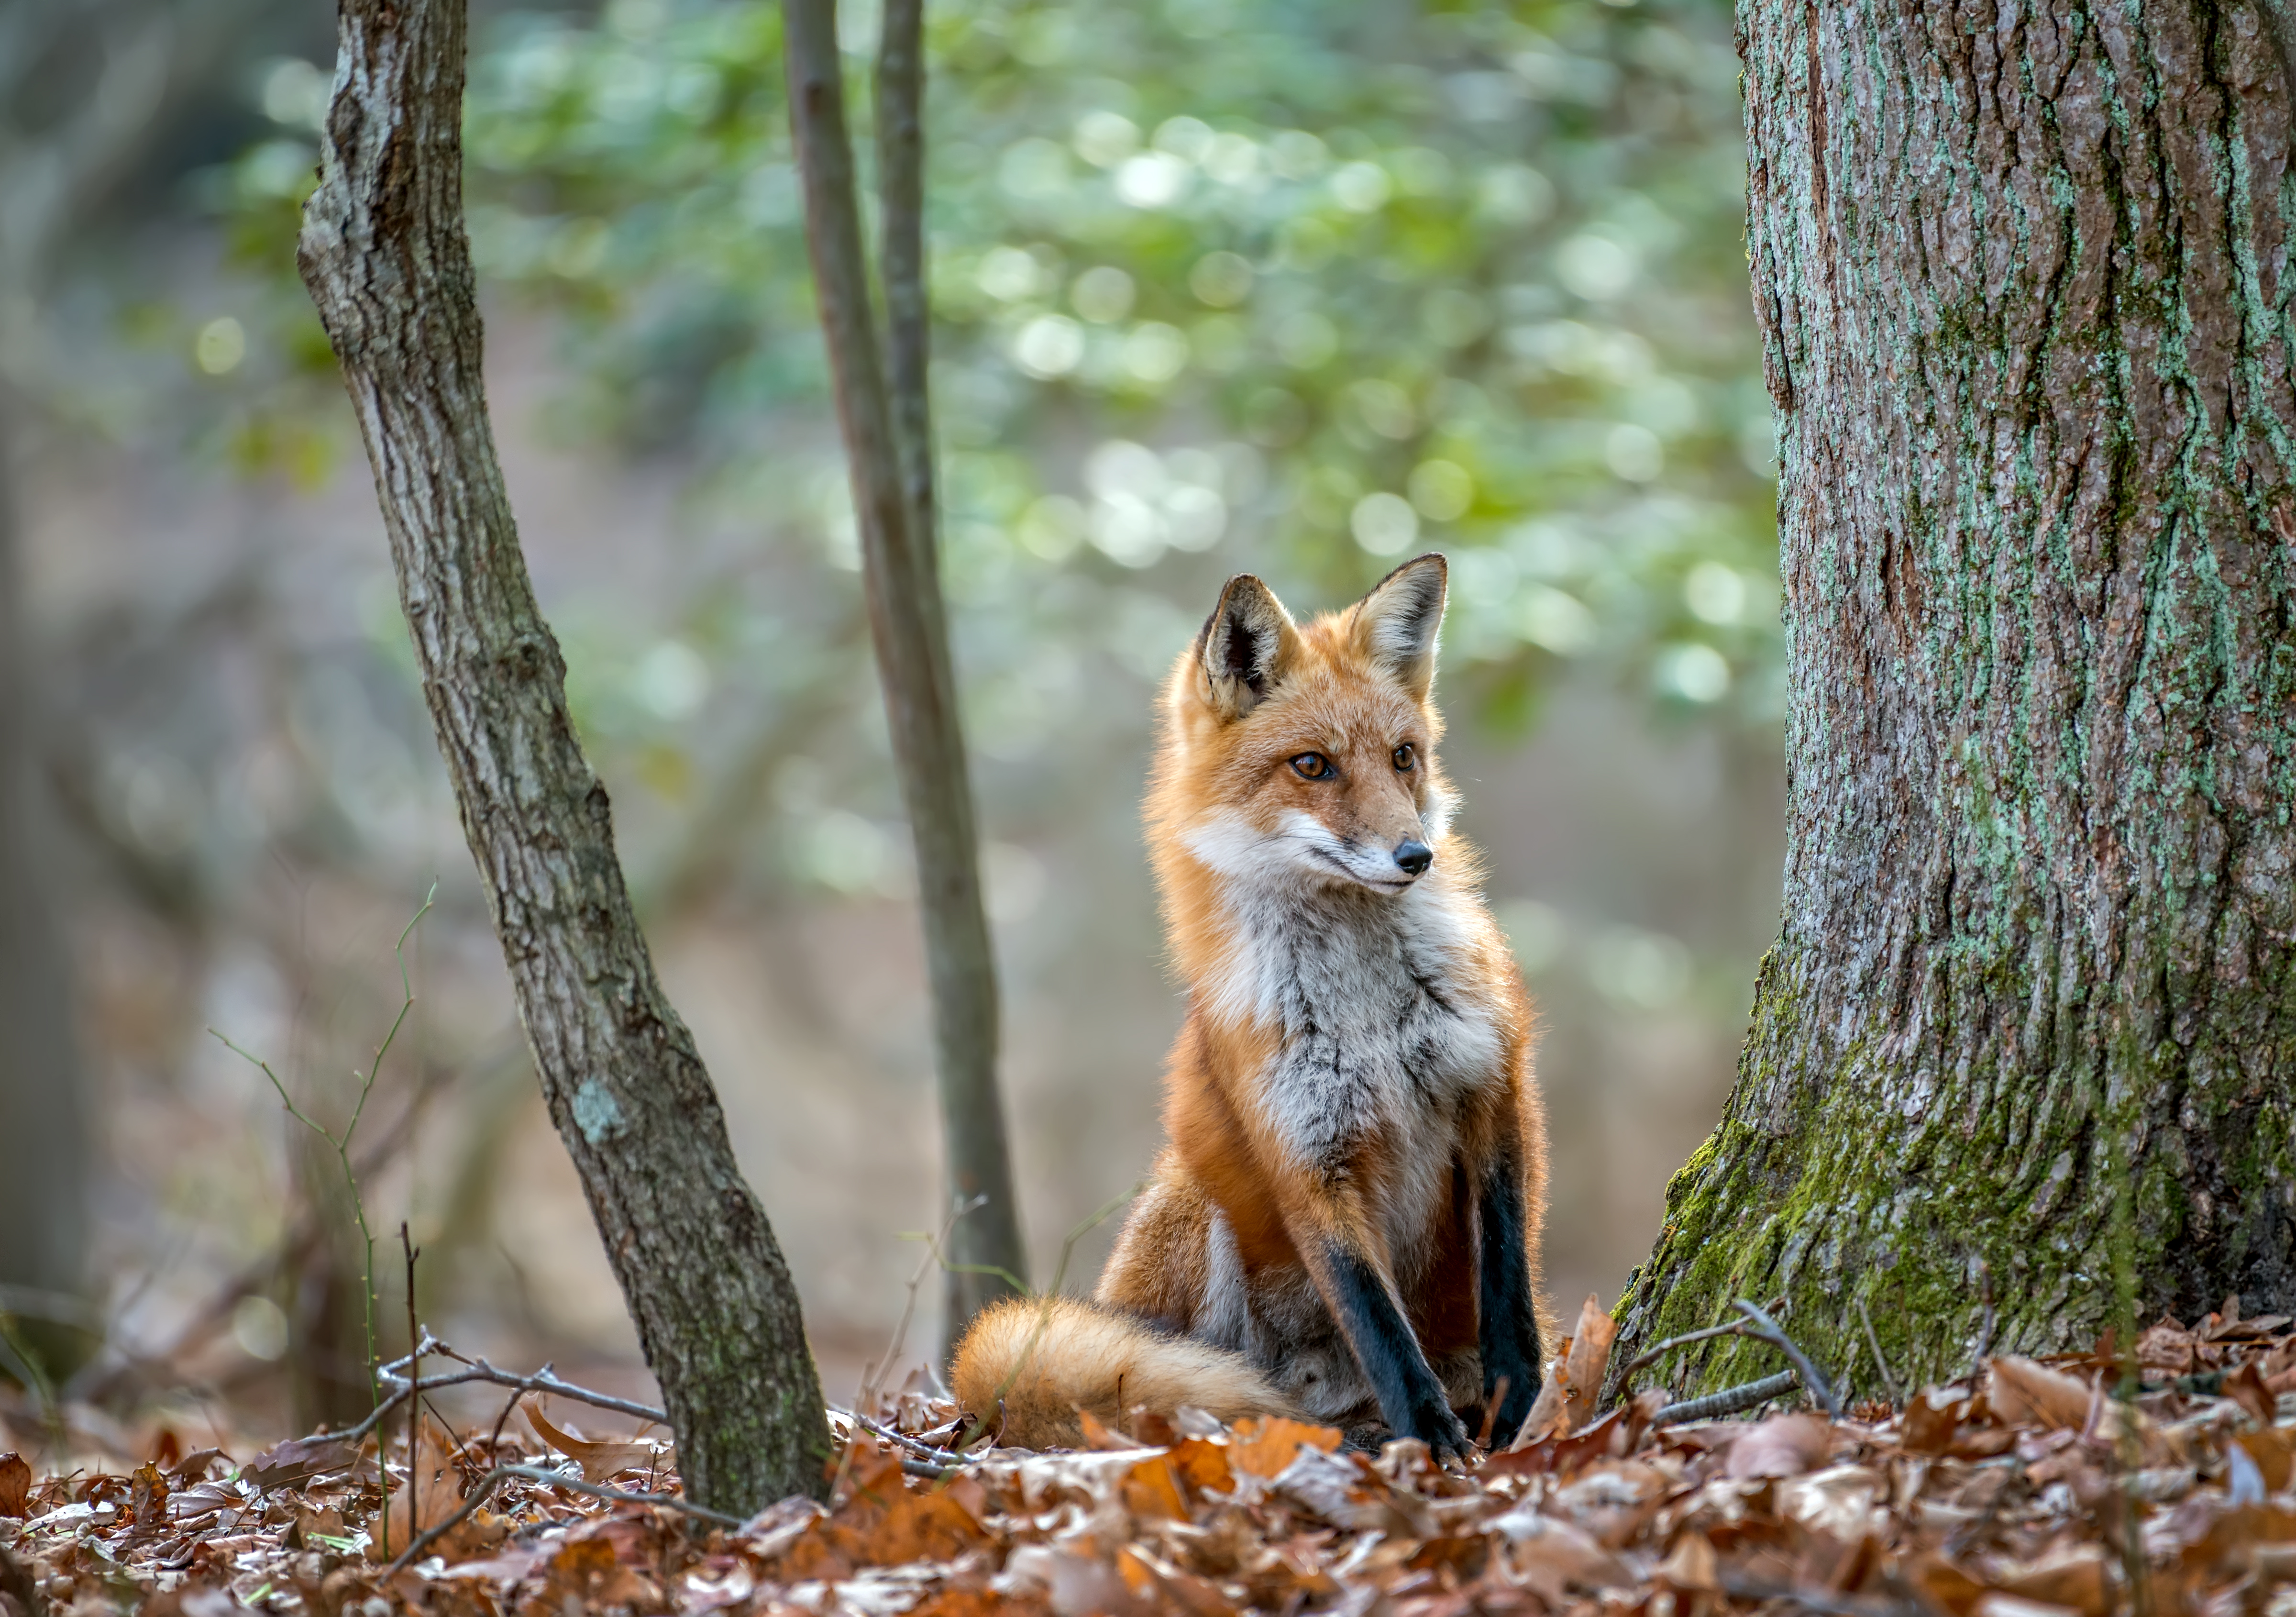 Which Animals Are Woodland Animals?